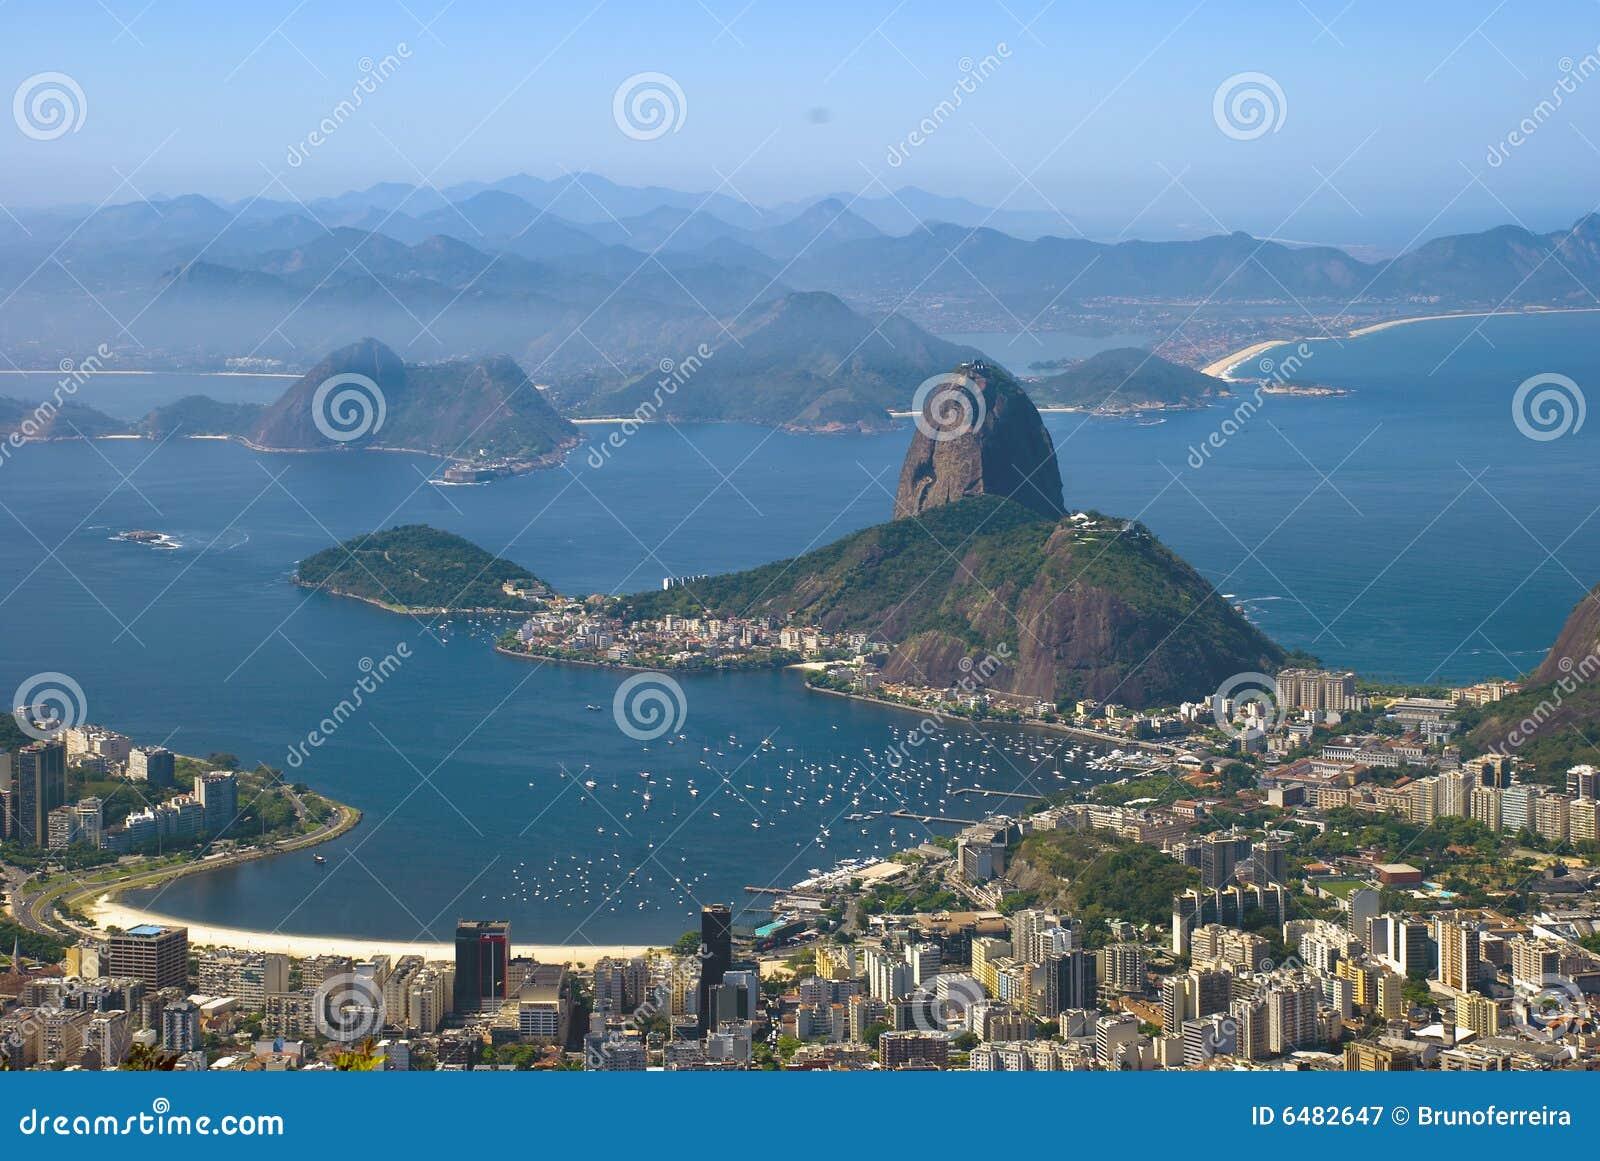 Sugar Loaf Rio De Janeiro Stock Image Image Of